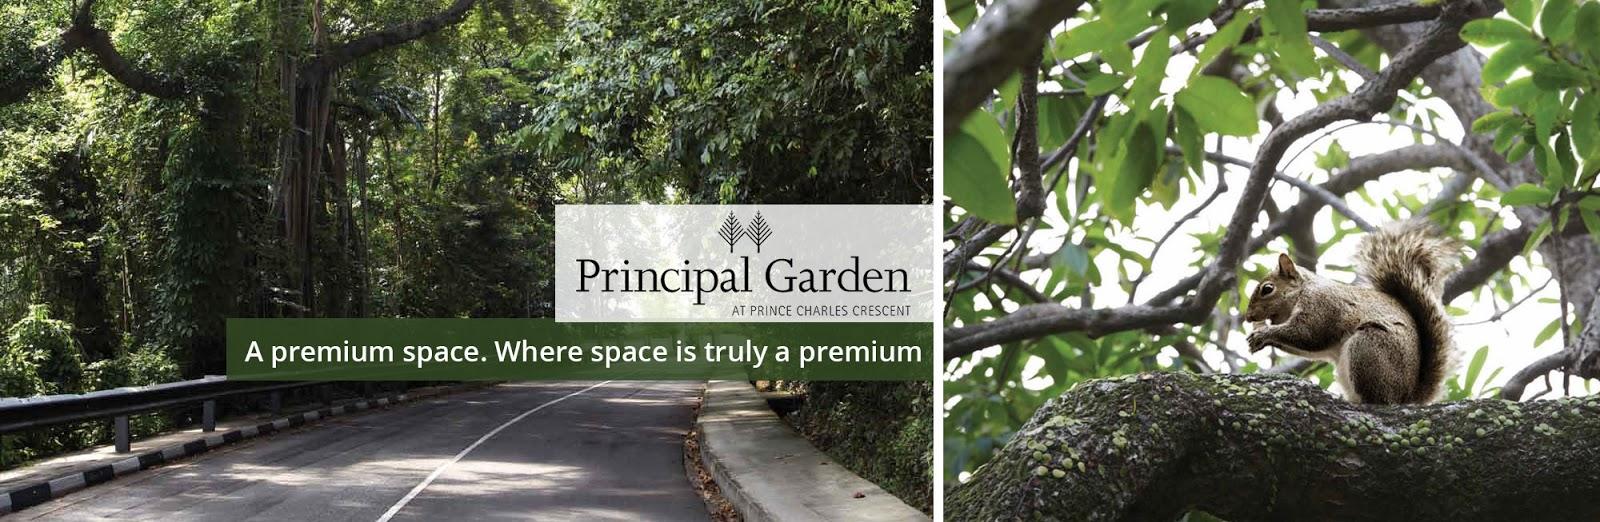 HOT! Principal Garden - Launching soon